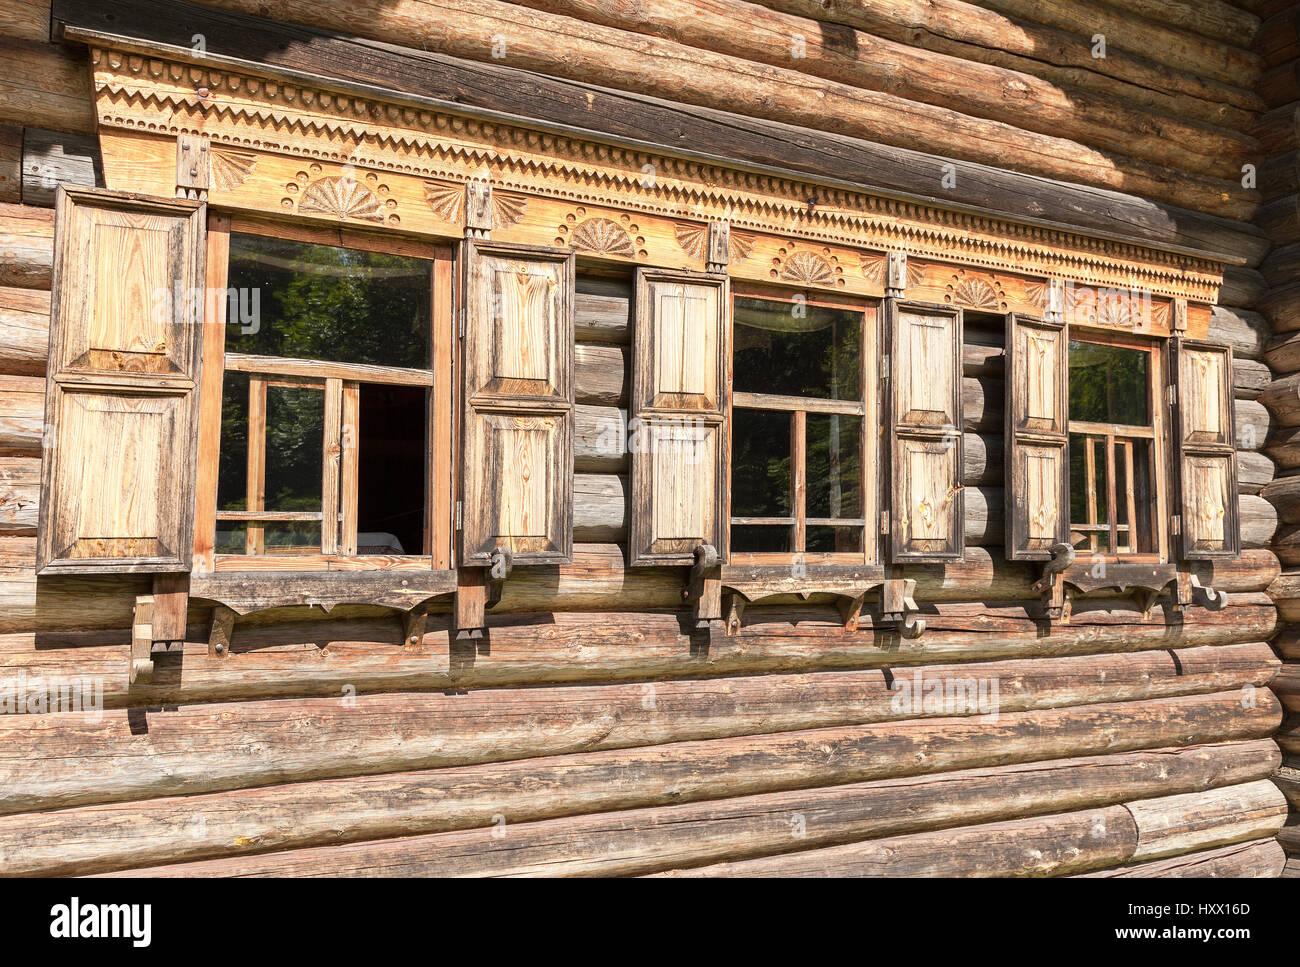 Russische Blockhäuser die traditionelle ländliche russische alte architektur windows